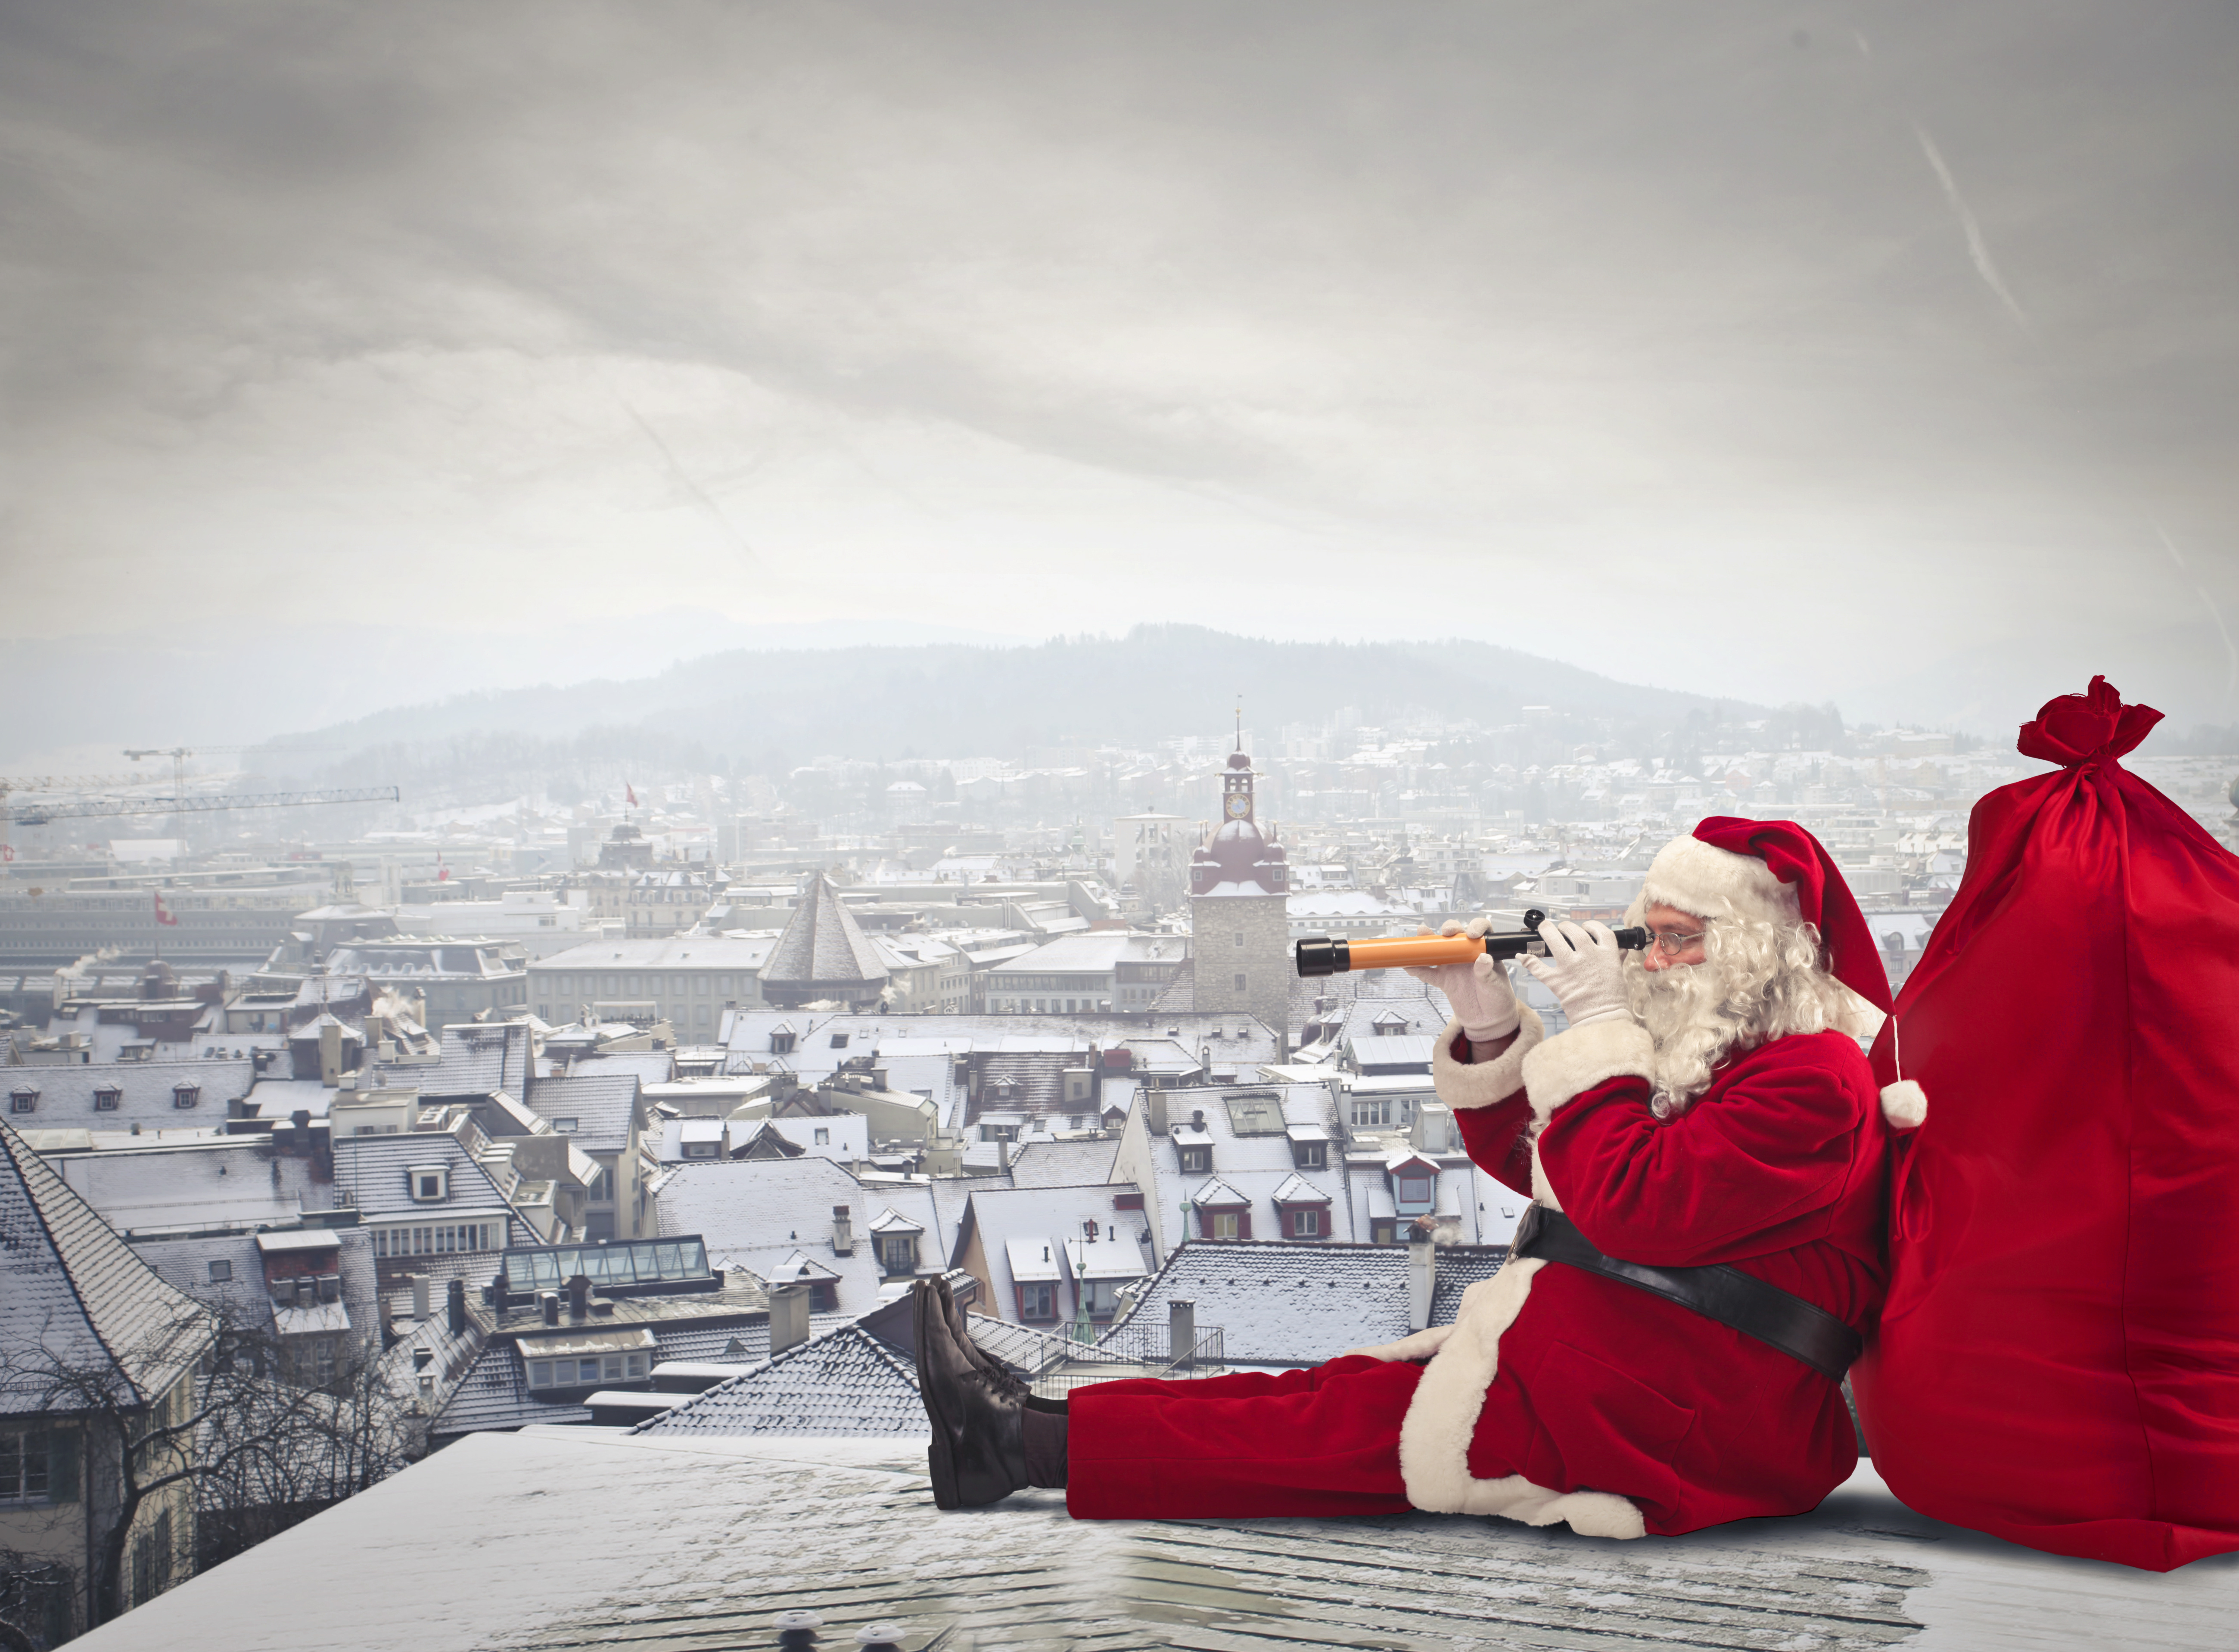 Дед Мороз с мешком загрузить